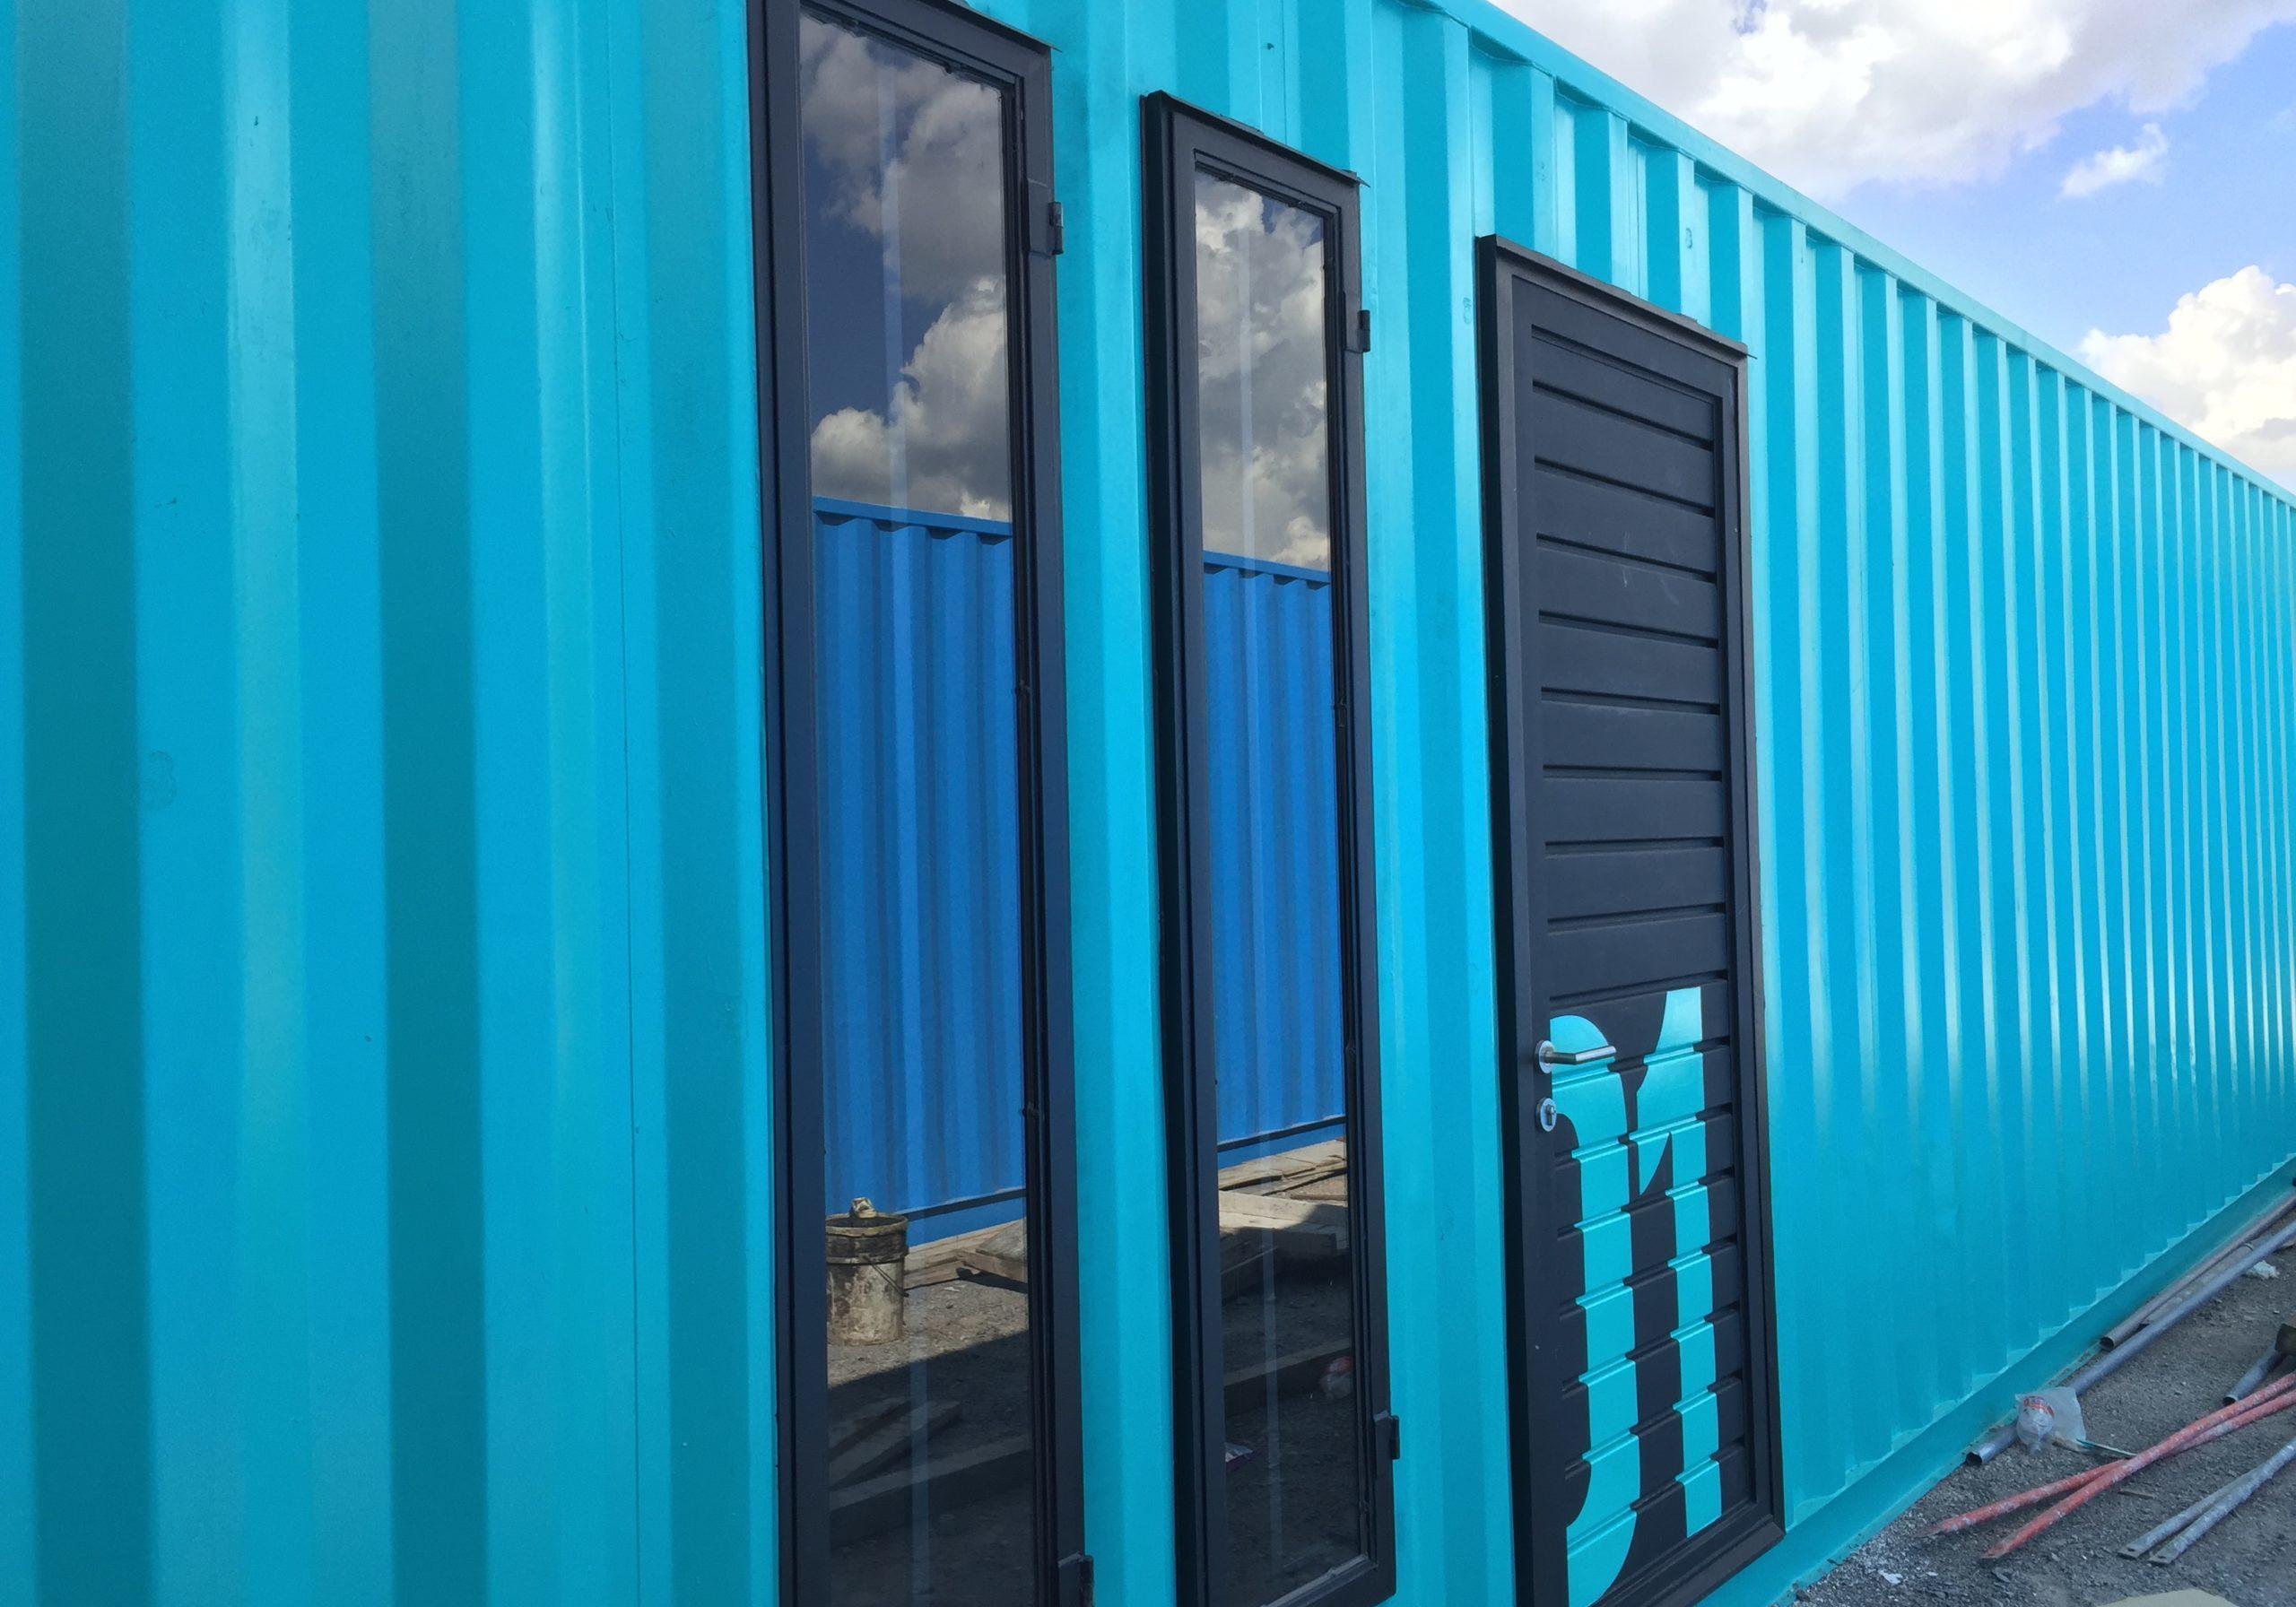 Mini Bodega azul claro modular fabricada con containers. Estilo moderno. Luís Miguel Rubín